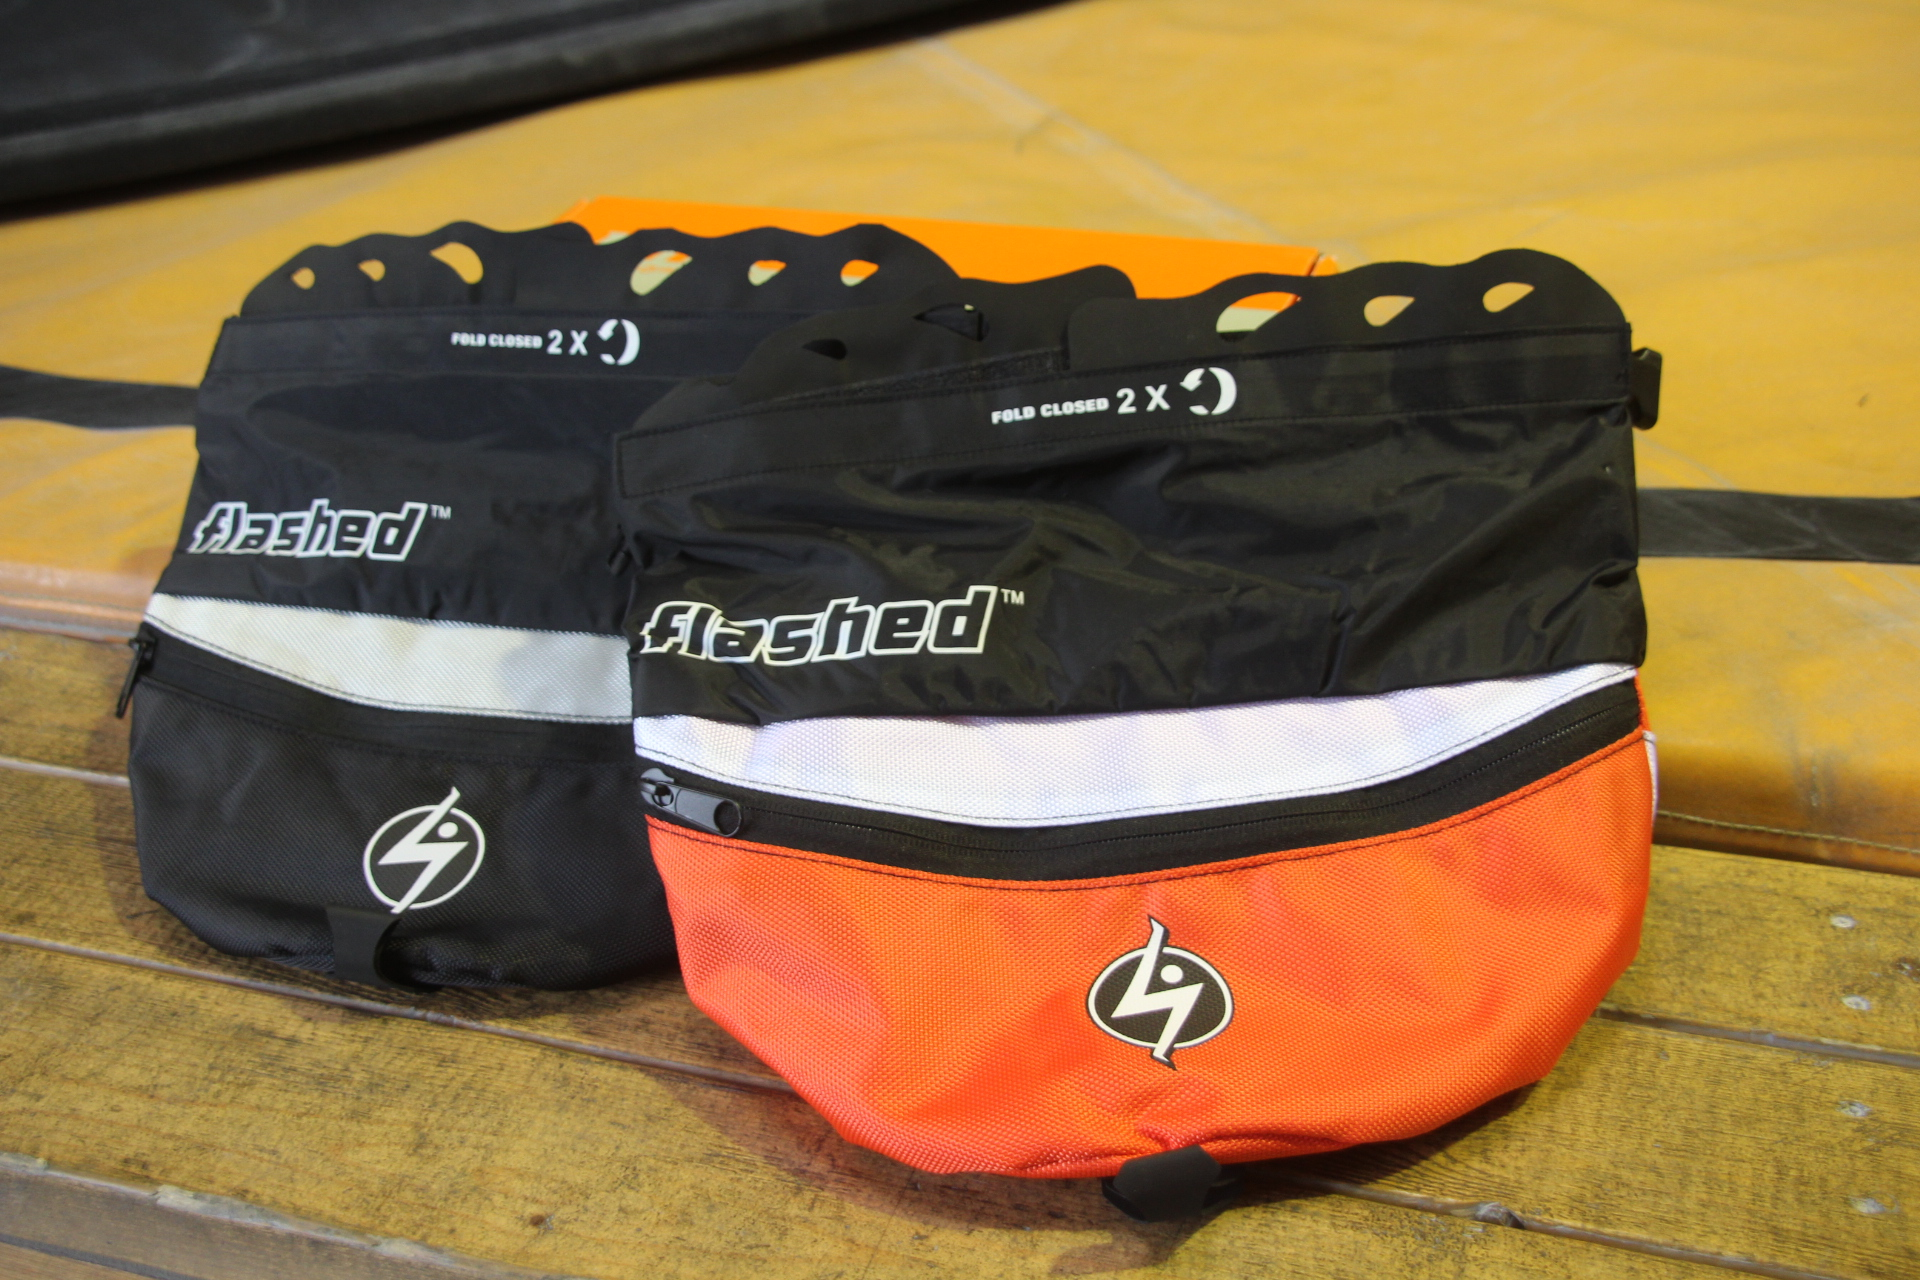 フラッシュド・tool bag